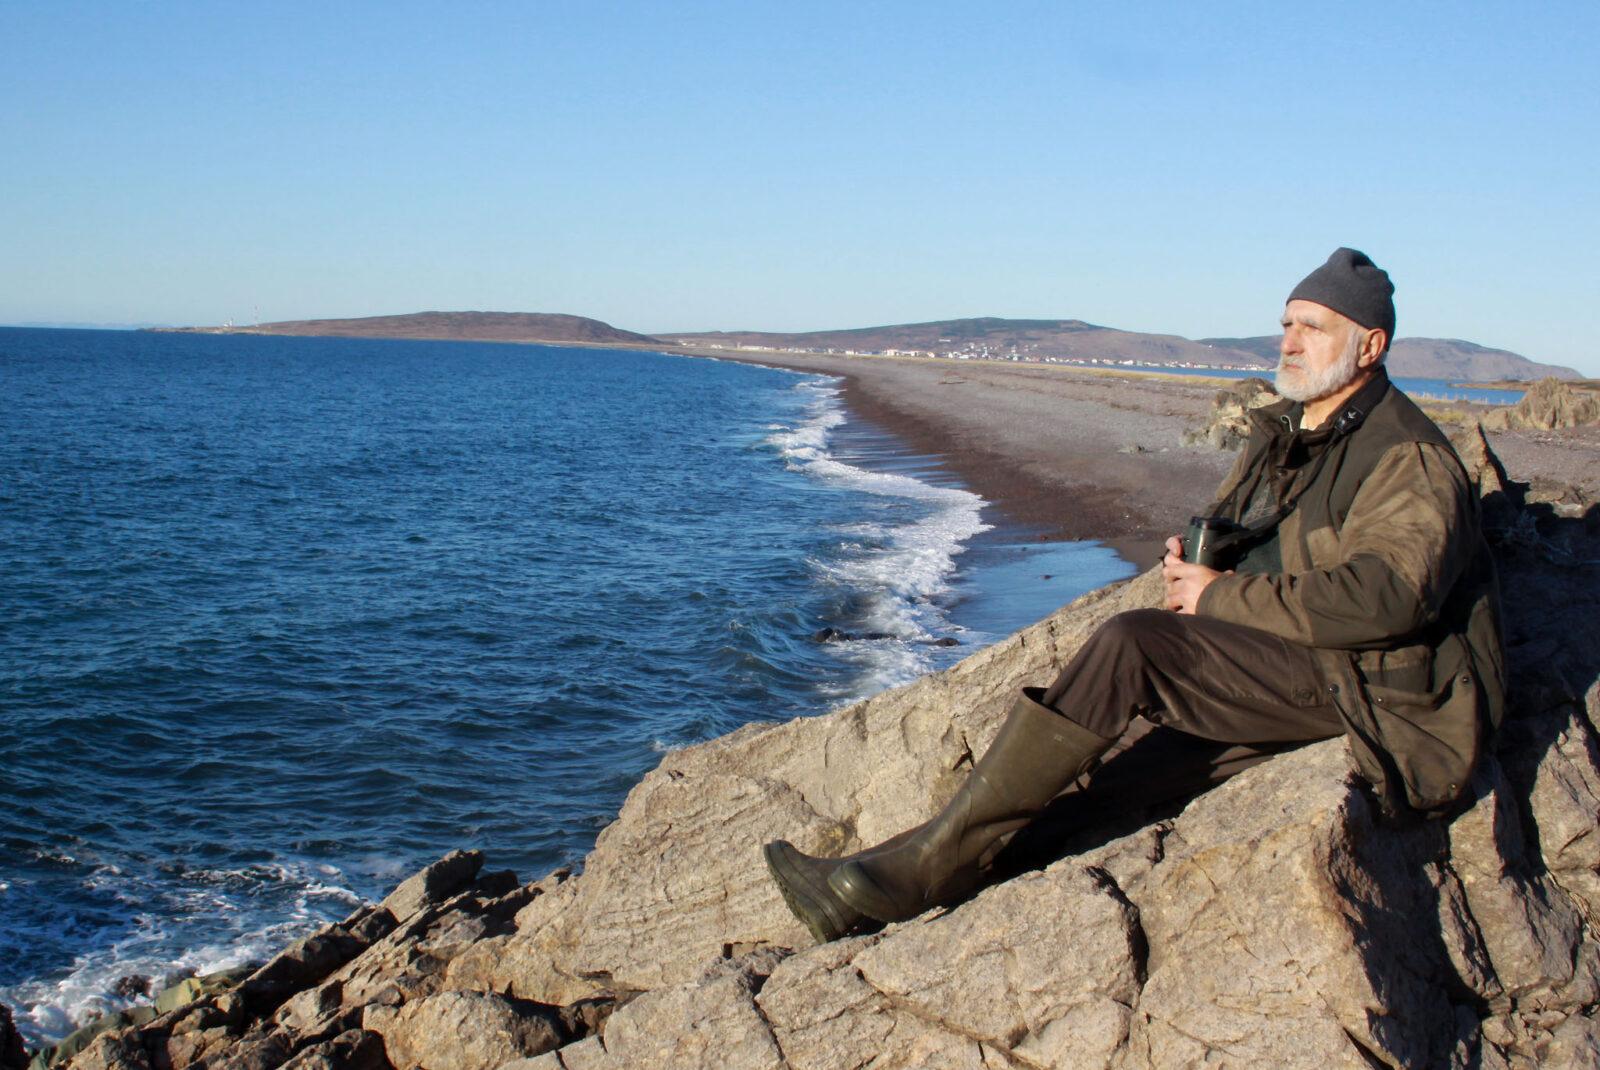 Saint-Pierre et Miquelon virtuel